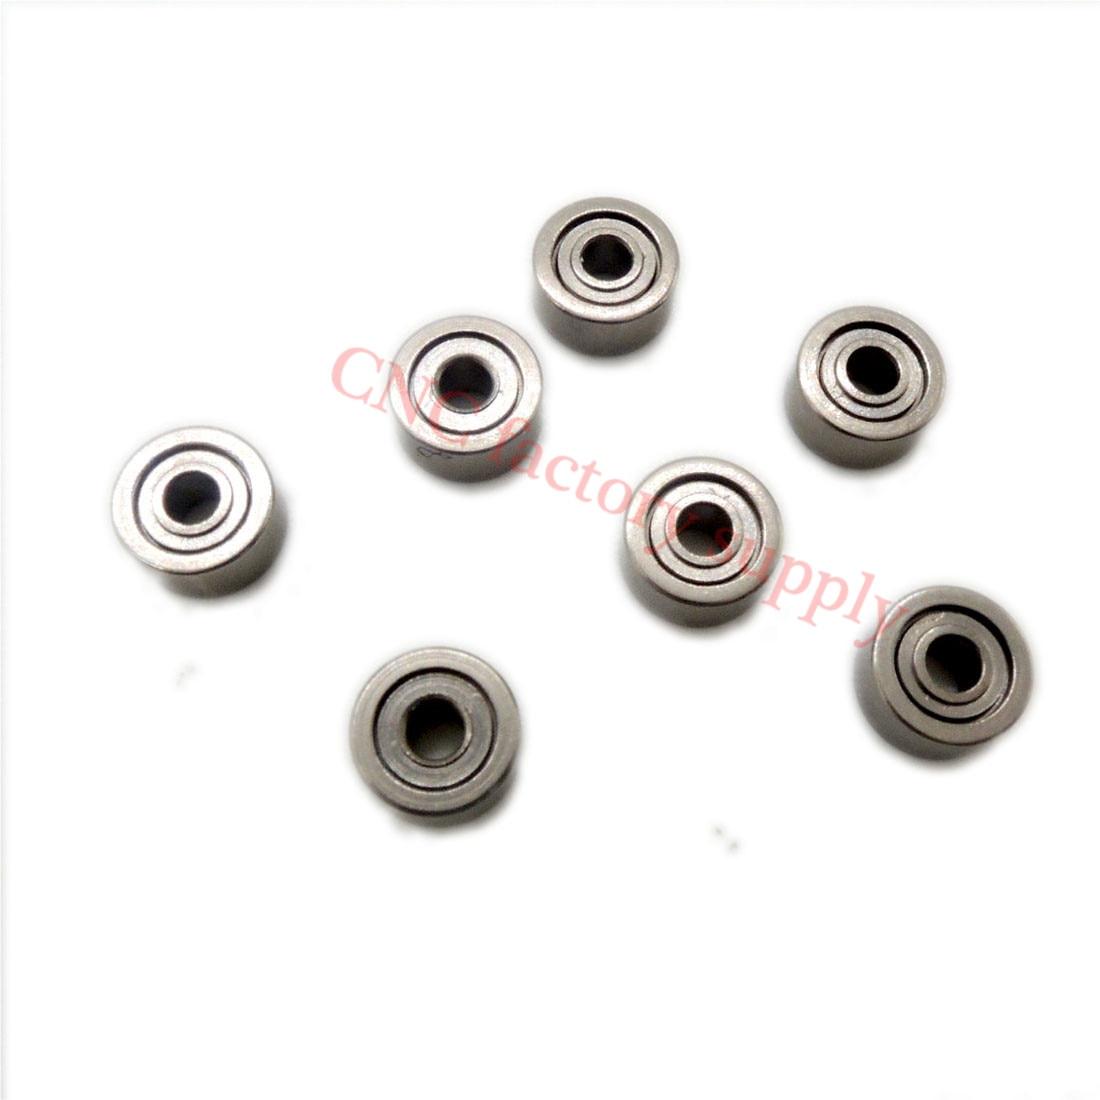 Free Shipping 10pcs 683ZZ 3x7x3mm Thin Wall Deep Groove Ball Bearing 3*7*3mm L-730ZZ